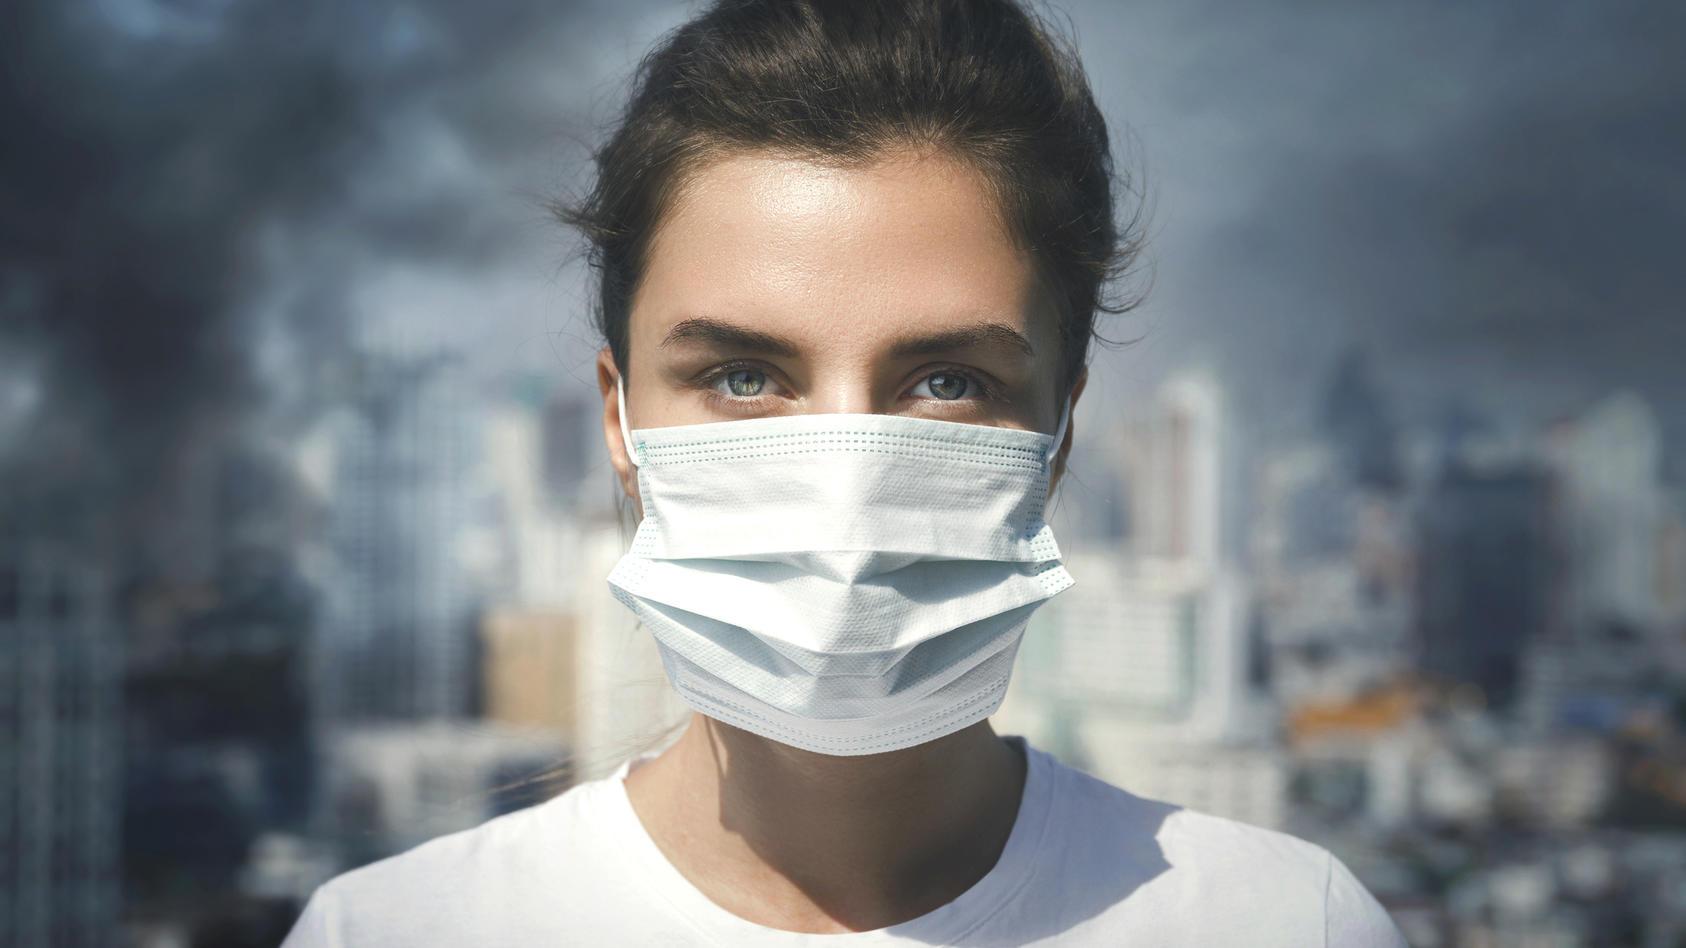 Luftverschmutzung kann unsere Psyche beeinflussen, das ergab eine Studie aus den USA und Dänemark.